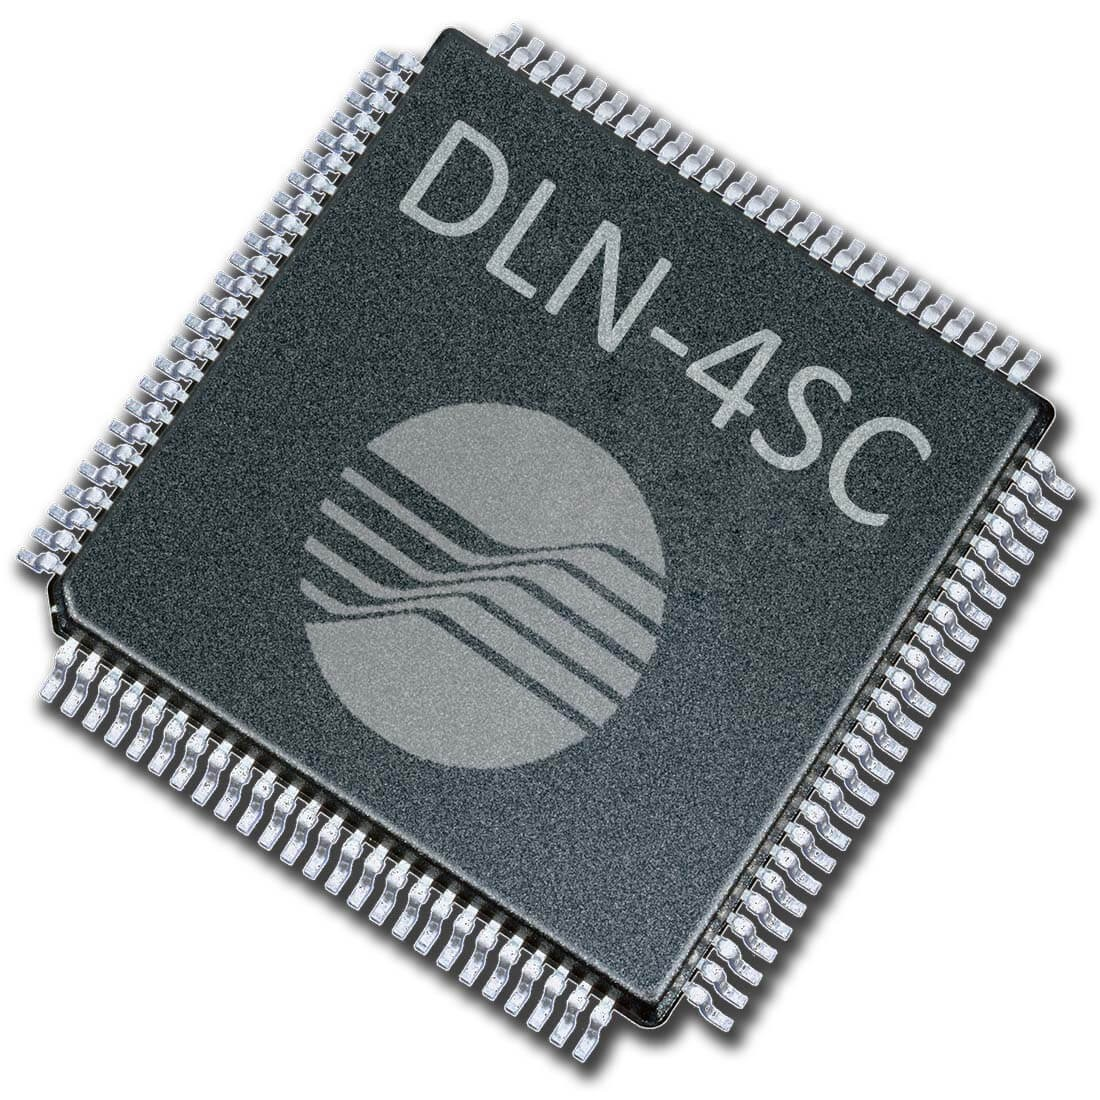 DLN-4SC USB-SPI/I2C Master and Slave Interface (system on chip)